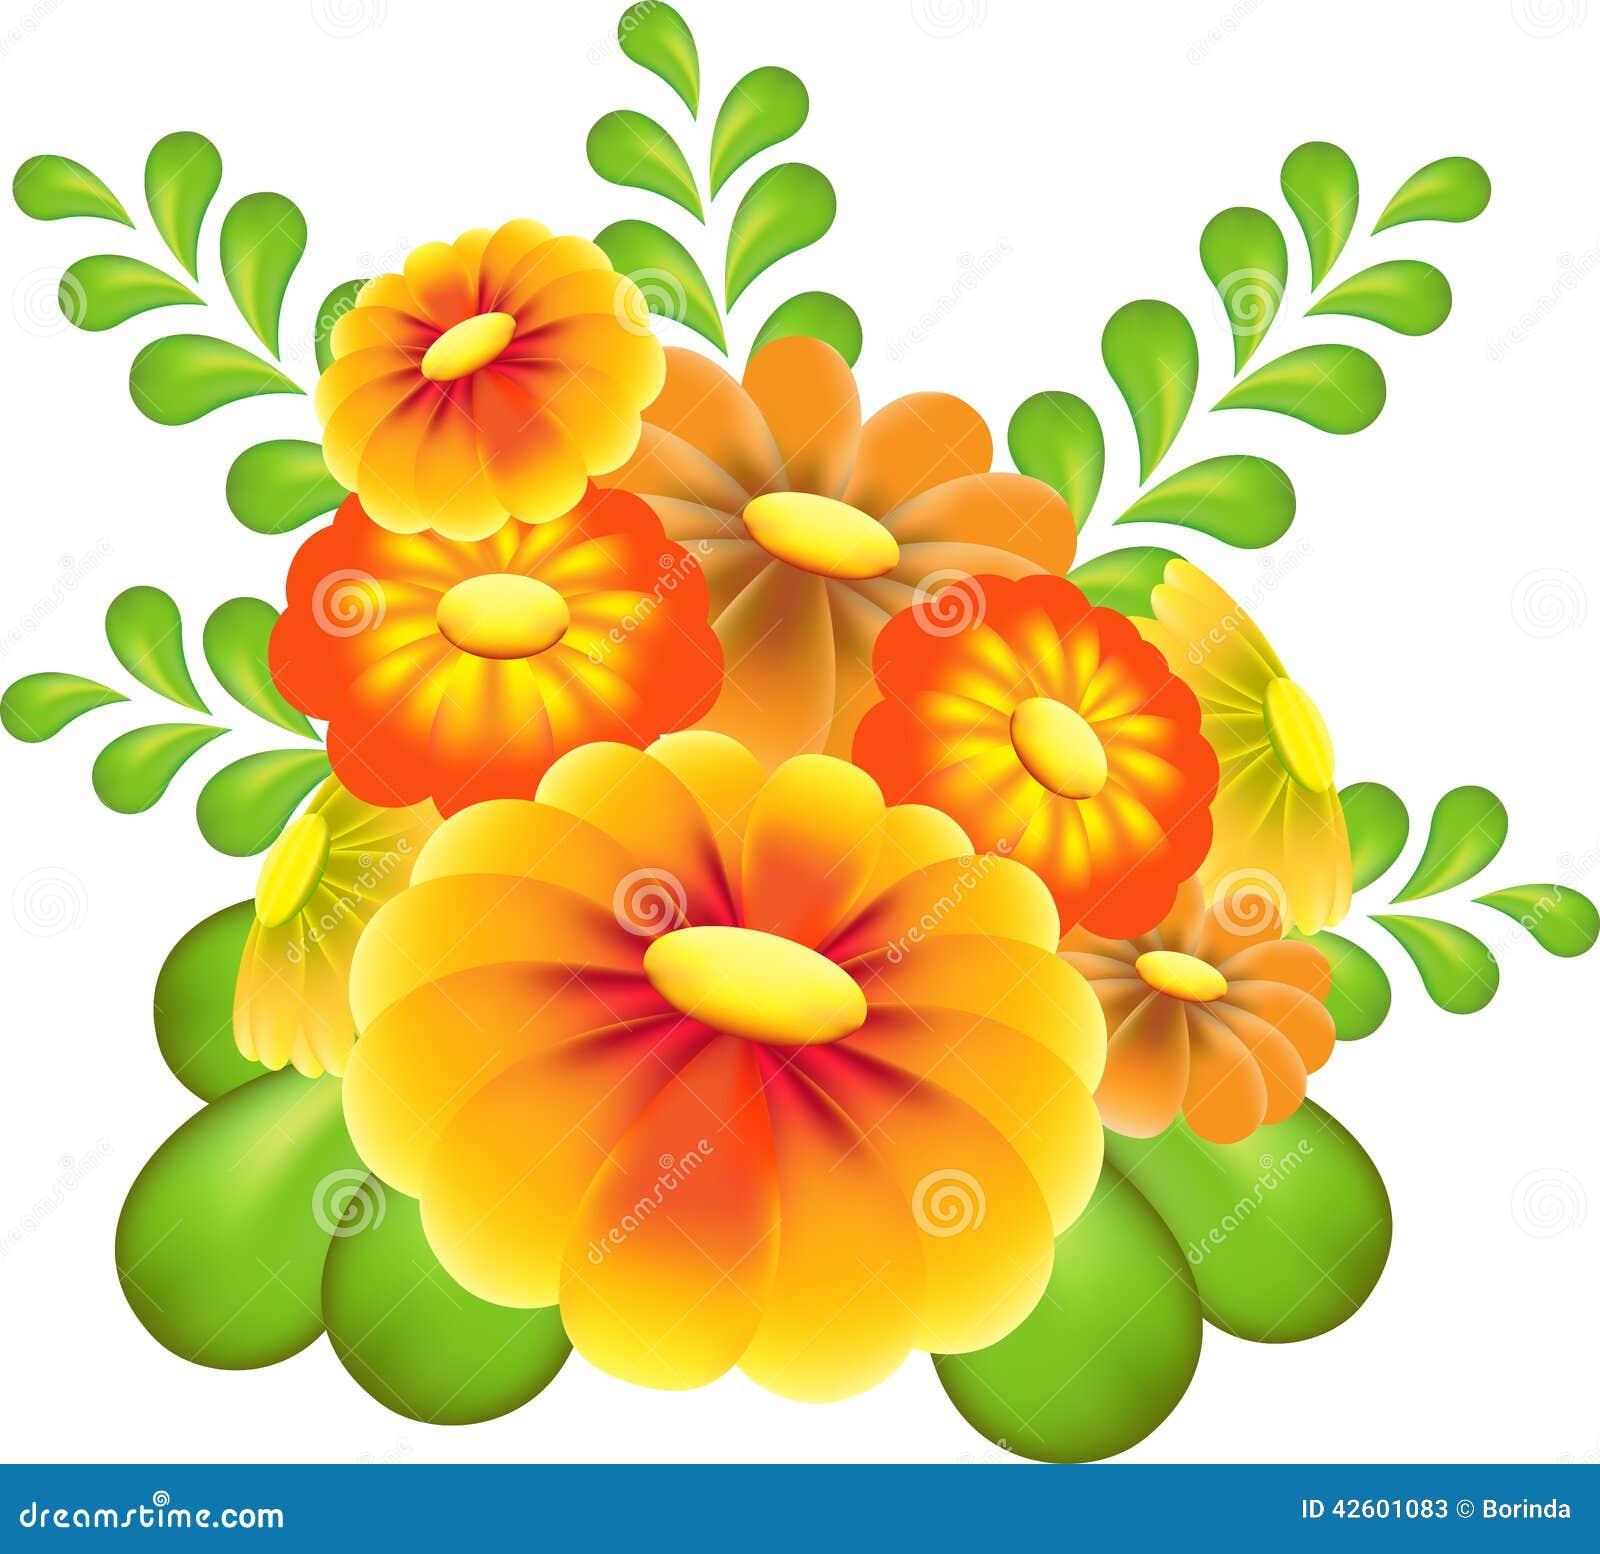 flor de jardim amarela:jardim, flor verde, flores vermelhas, flor amarela, flor marrom, flor